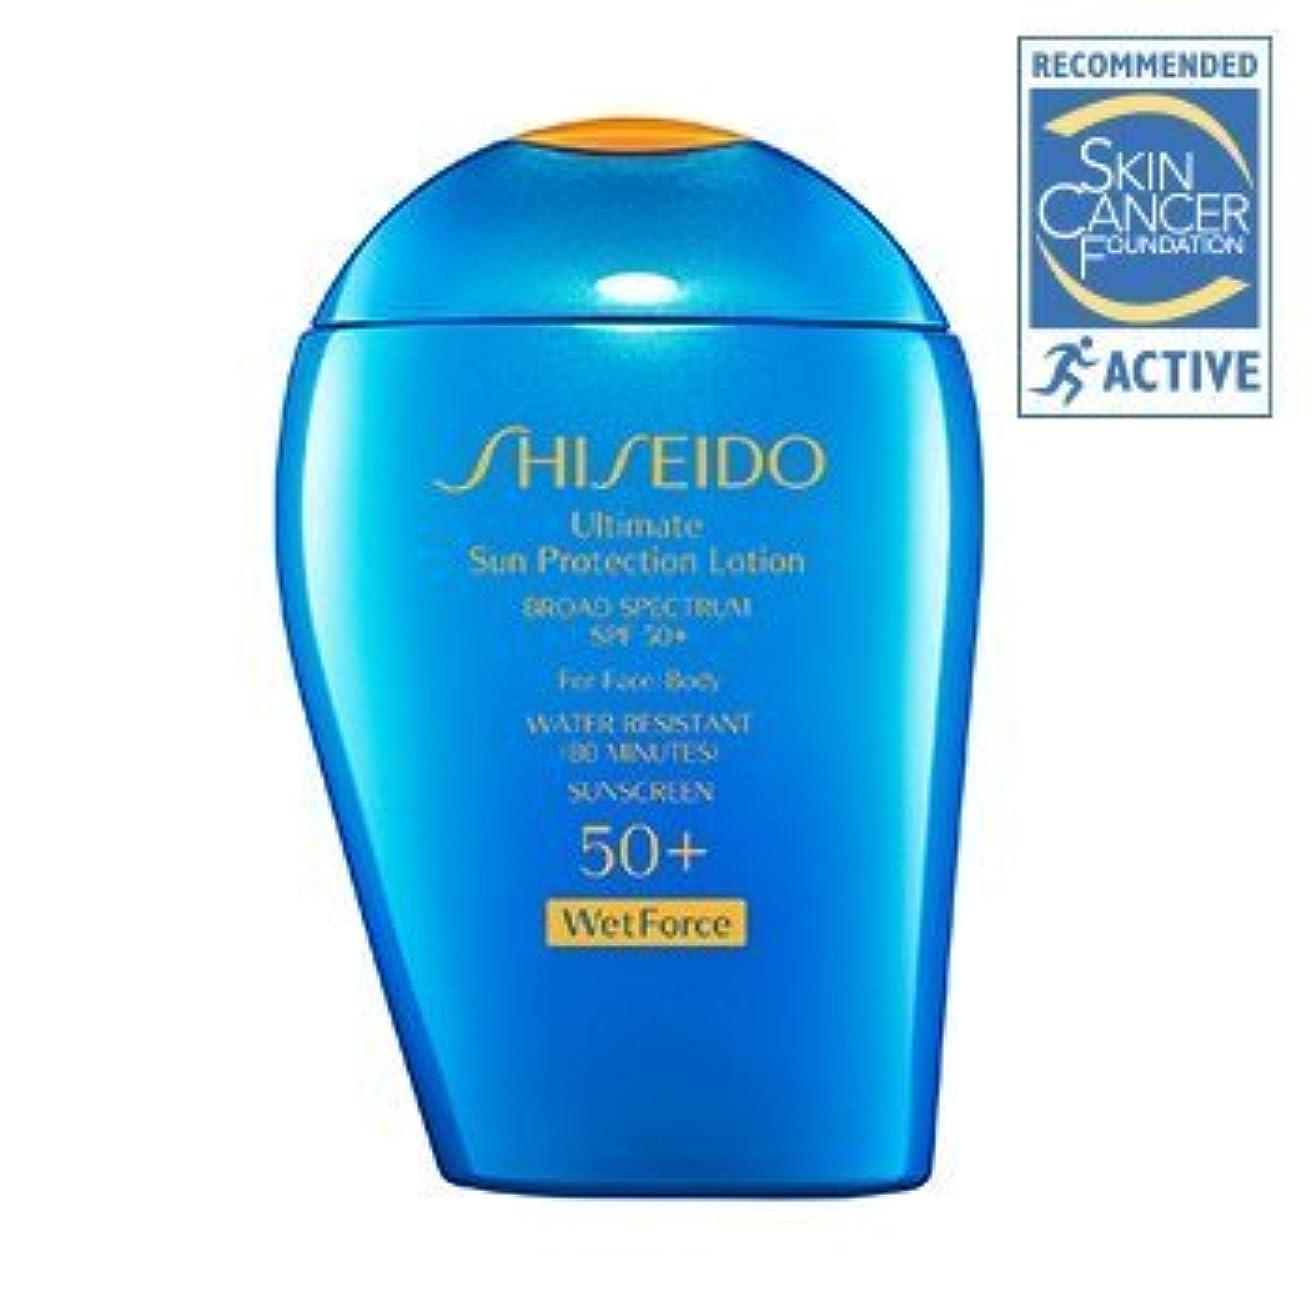 加害者テロリストベギンShiseido Ultimate Sun Protection Face & Body Lotion Spf 50 Pa+++ 100Ml/3.4Oz by Shiseido [並行輸入品]